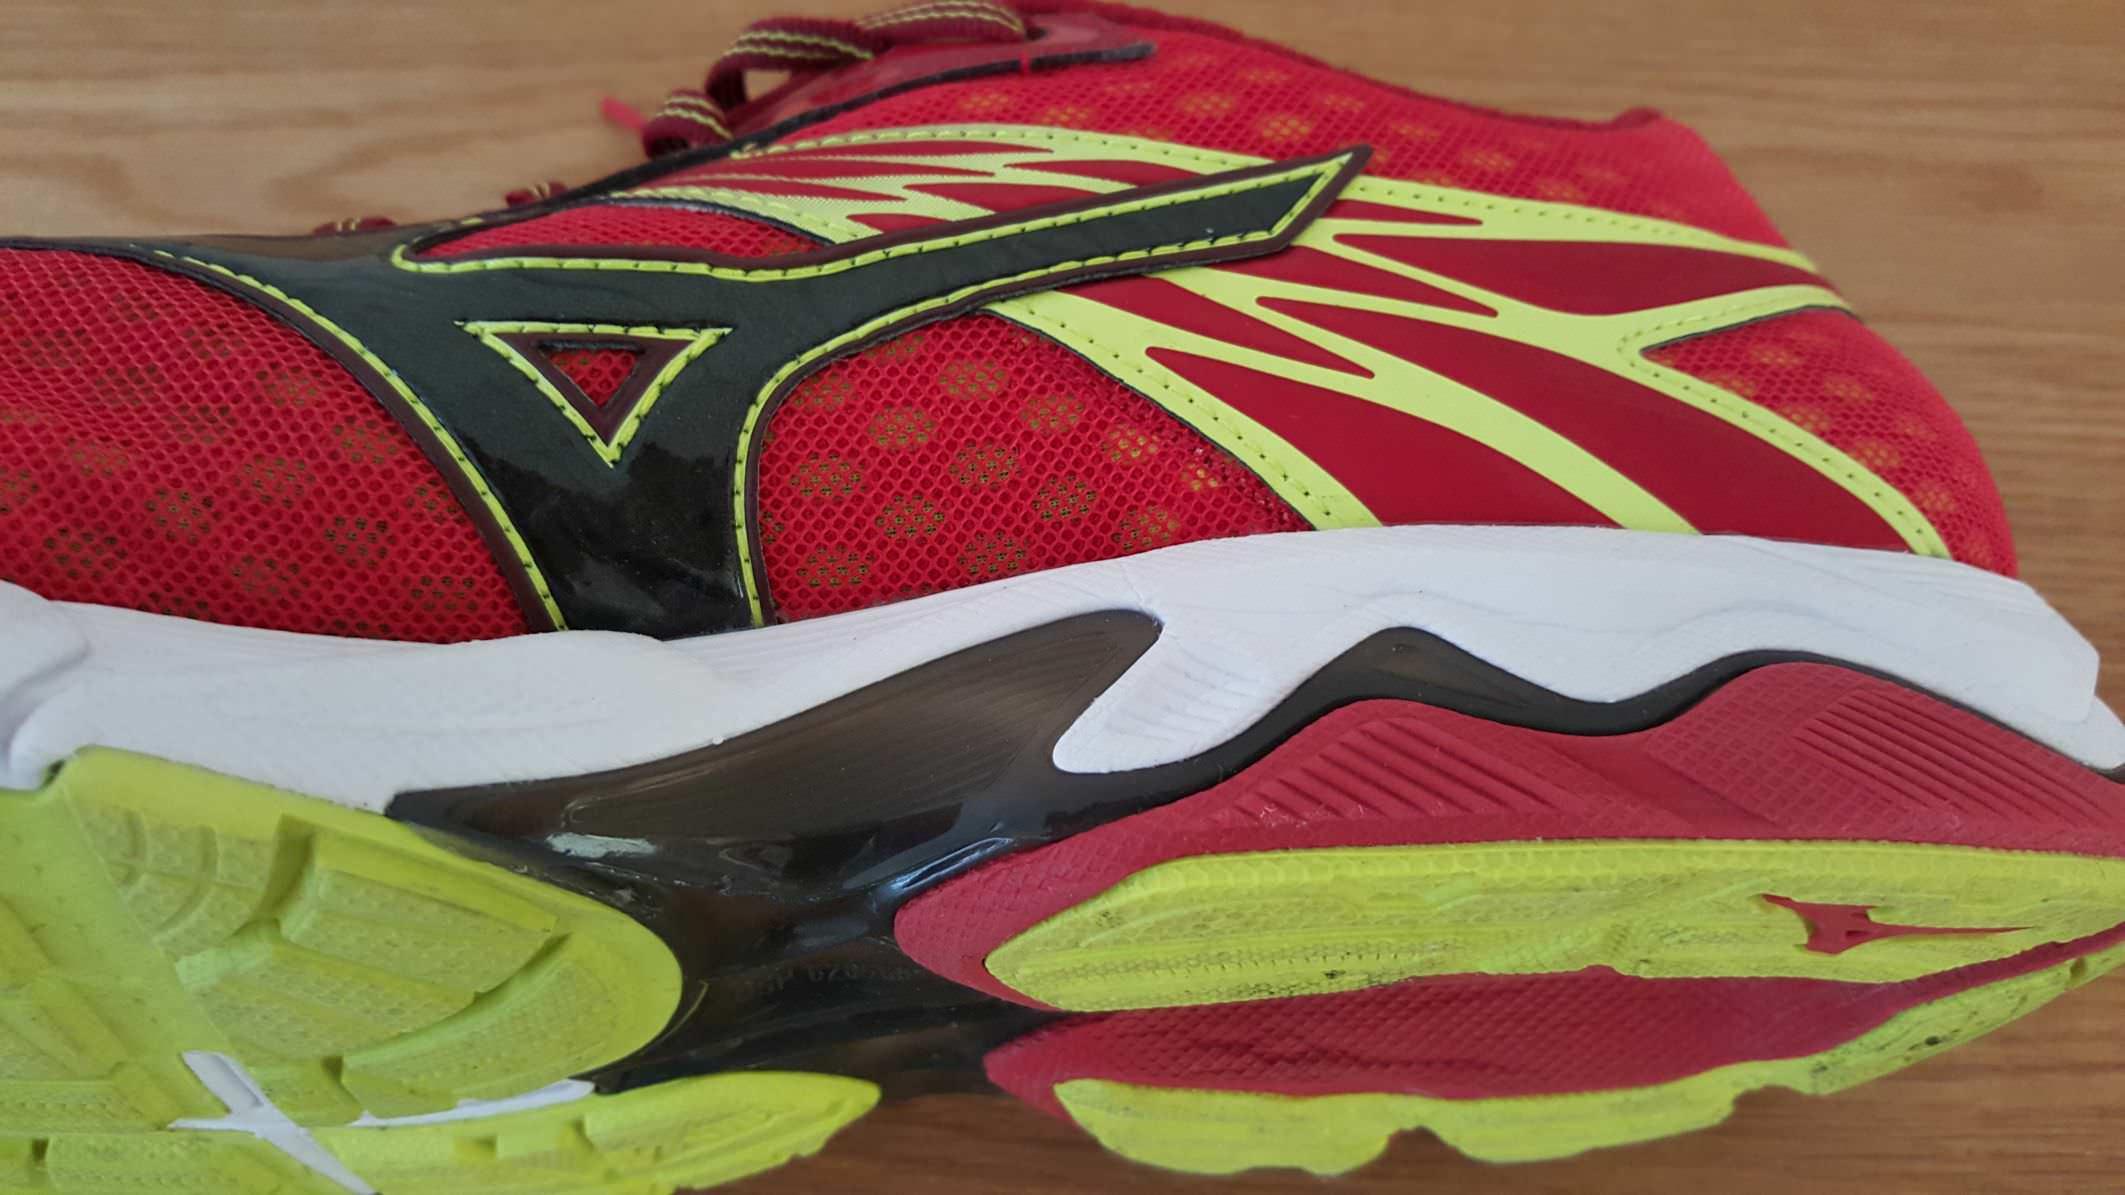 Mizuno Ola De Los Hombres Inspirar 10 Zapatillas De Deporte De Ancho Opinión HXKoyB